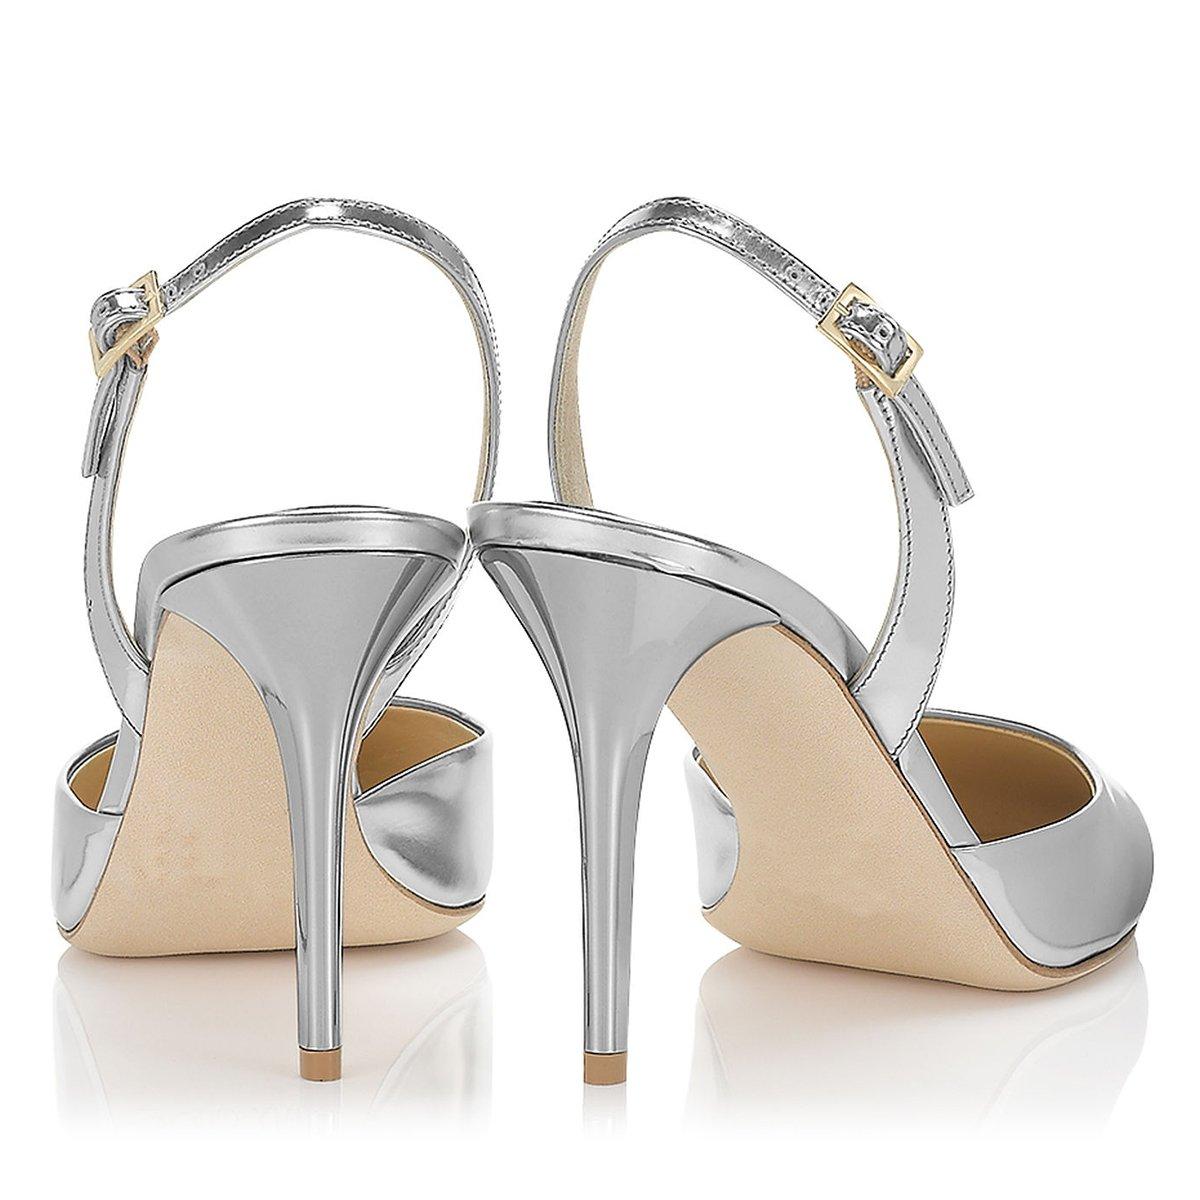 FSJ Women Pointed Toe Pumps Slingback Stilettos Heels Sandals Ankle Strap Shoes Size 7 Silver by FSJ (Image #4)